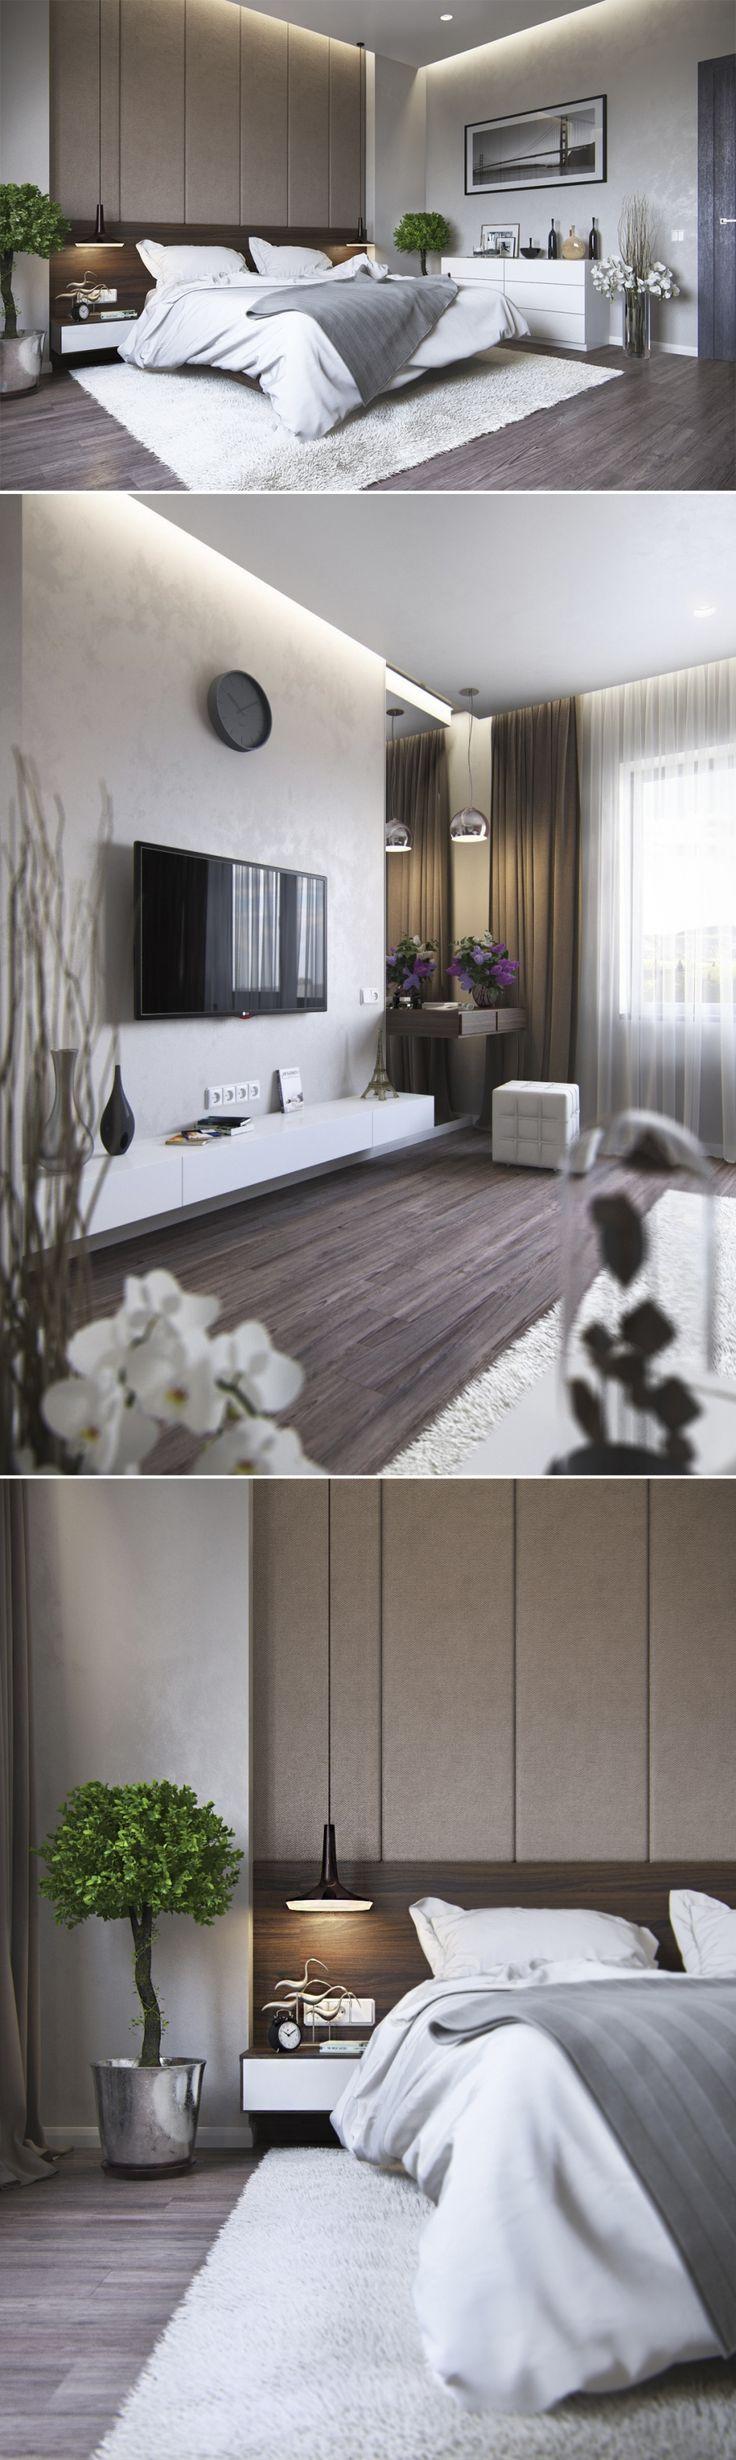 Master bedroom - Галерея 3ddd.ru